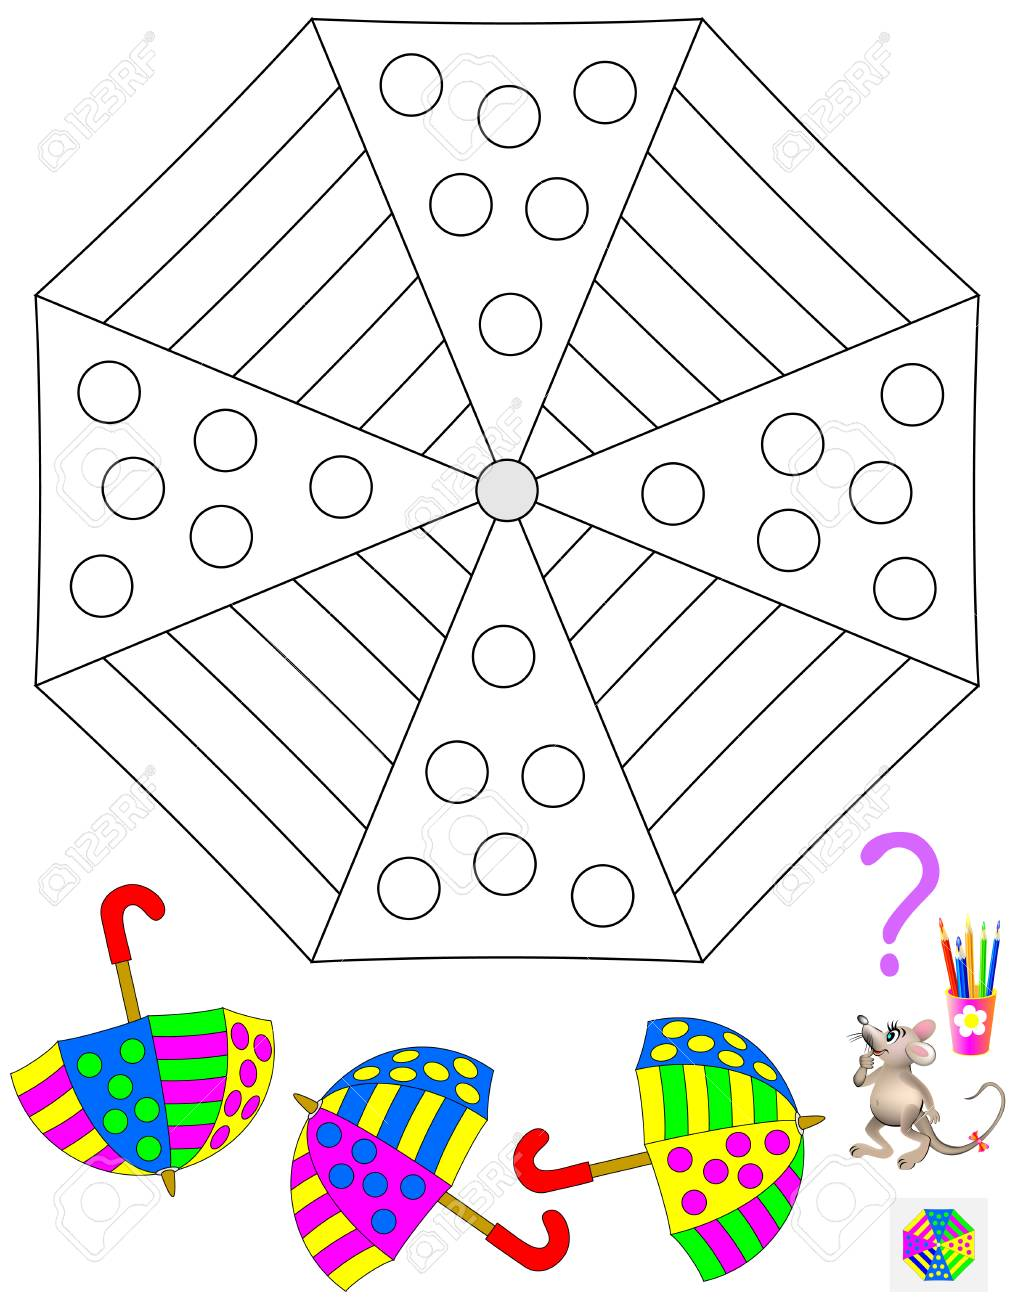 Logik Puzzle Spiel Für Kinder Und Erwachsene Müssen Sie Das Muster